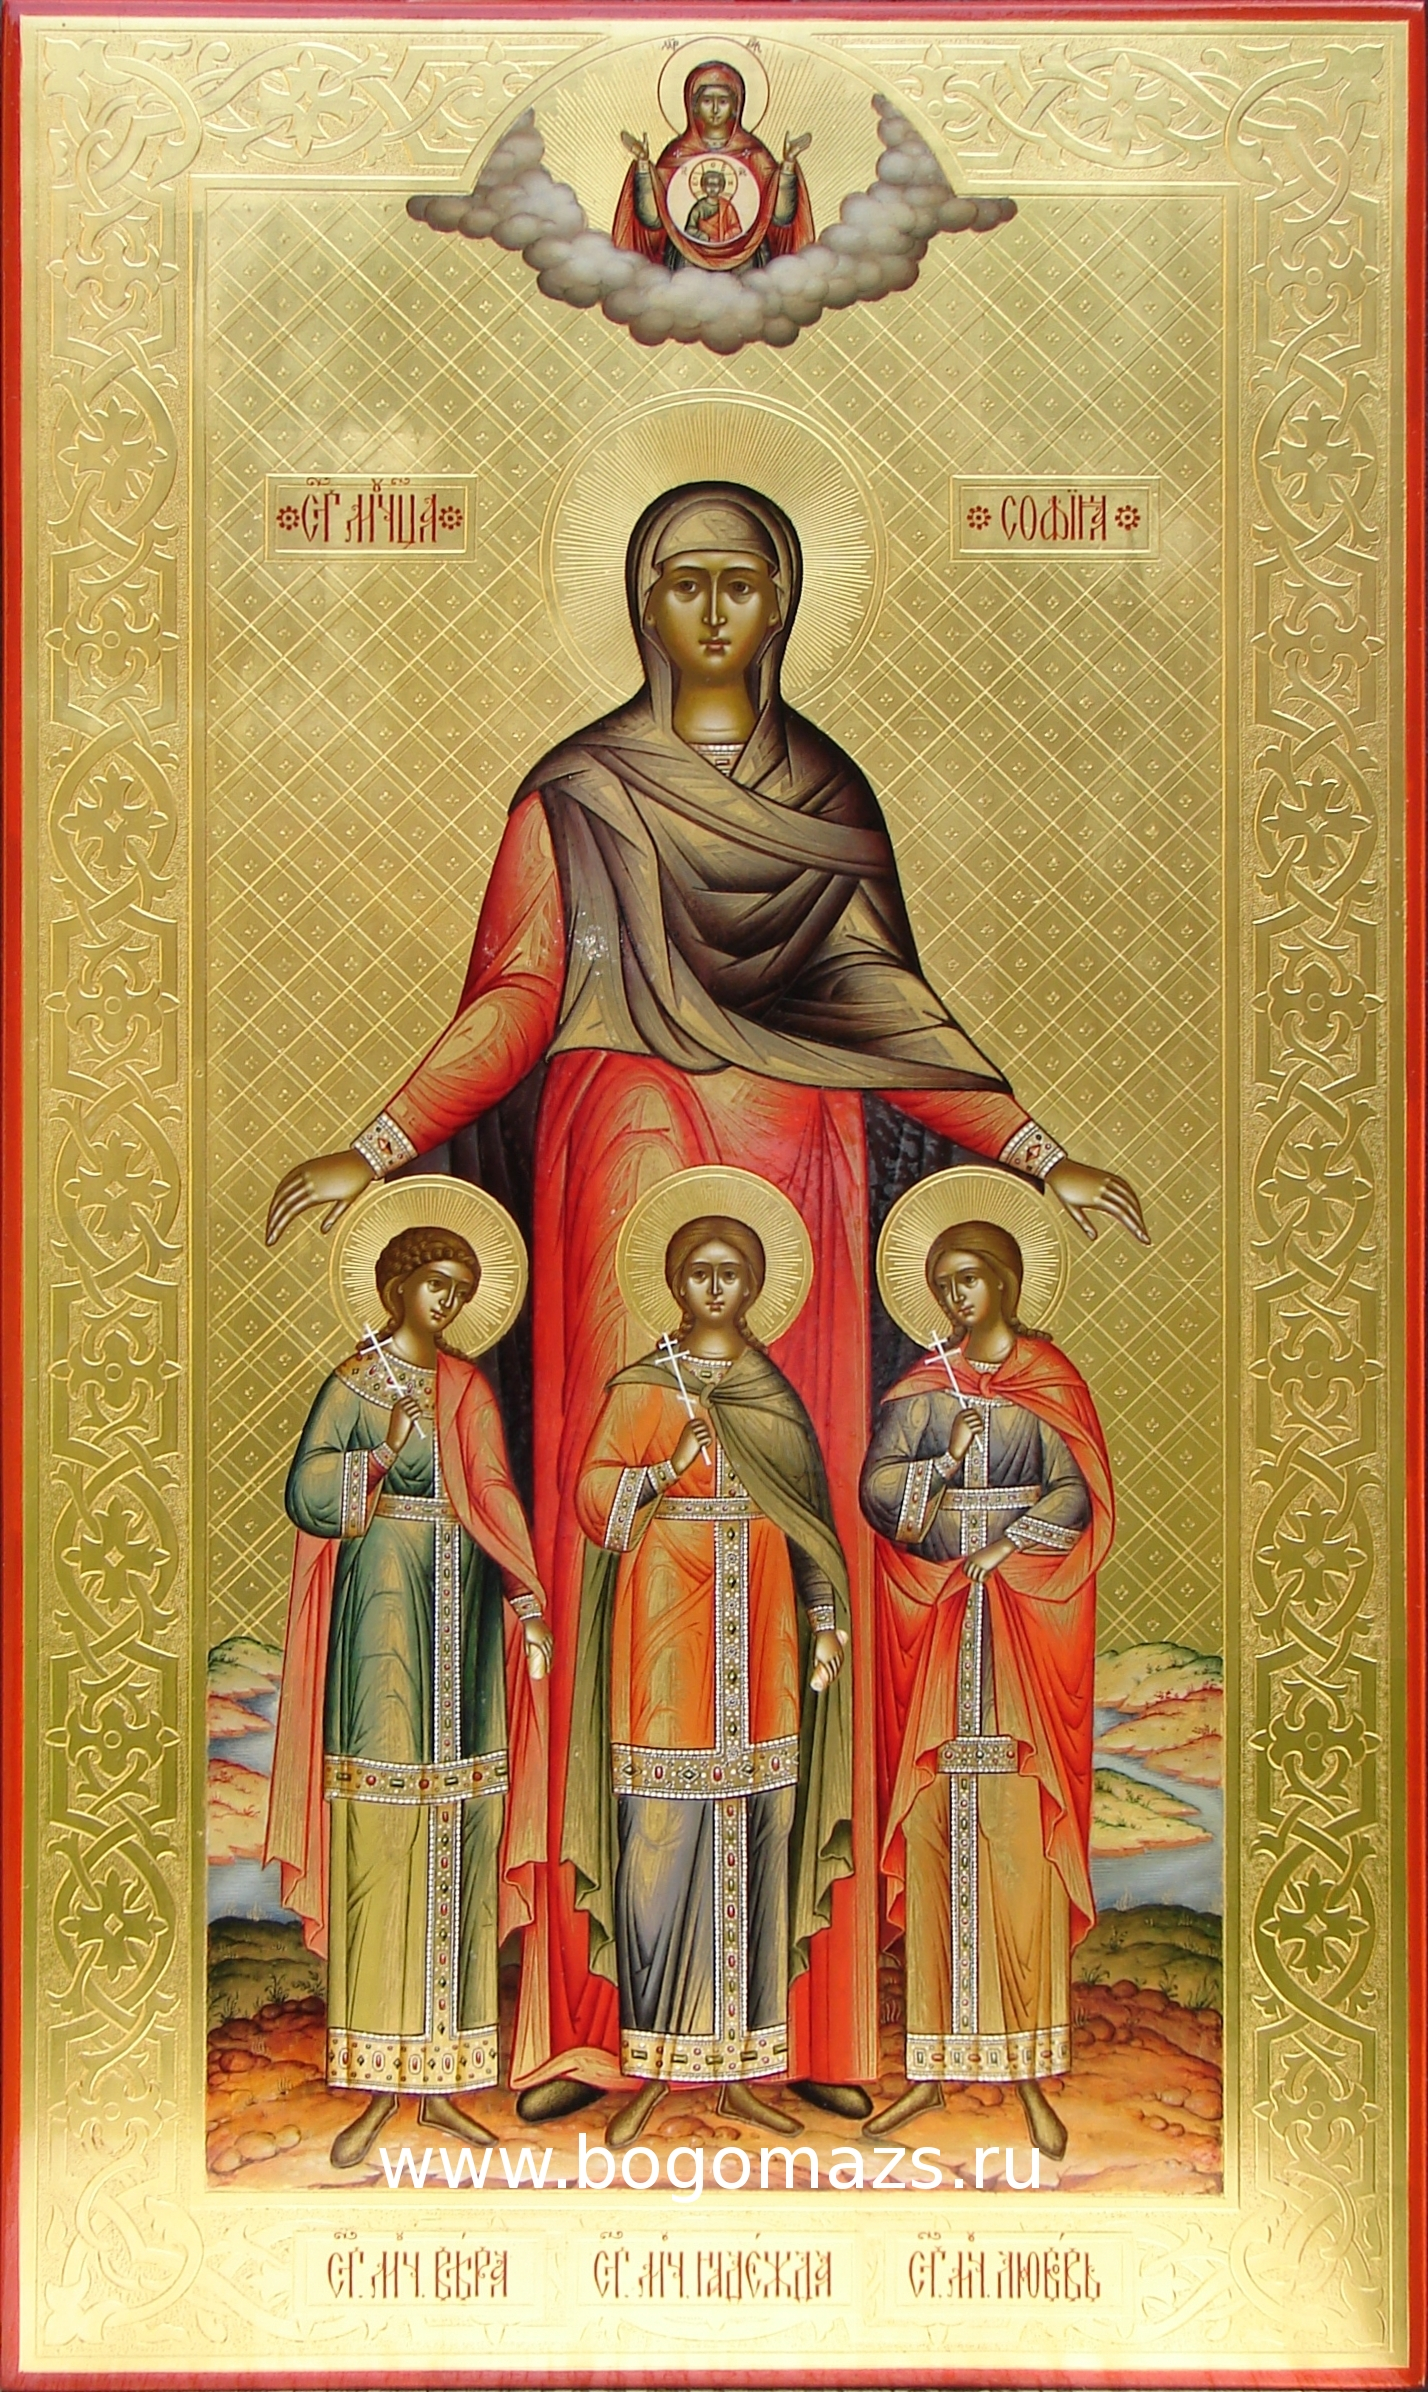 икона софья вера надежда любовь: